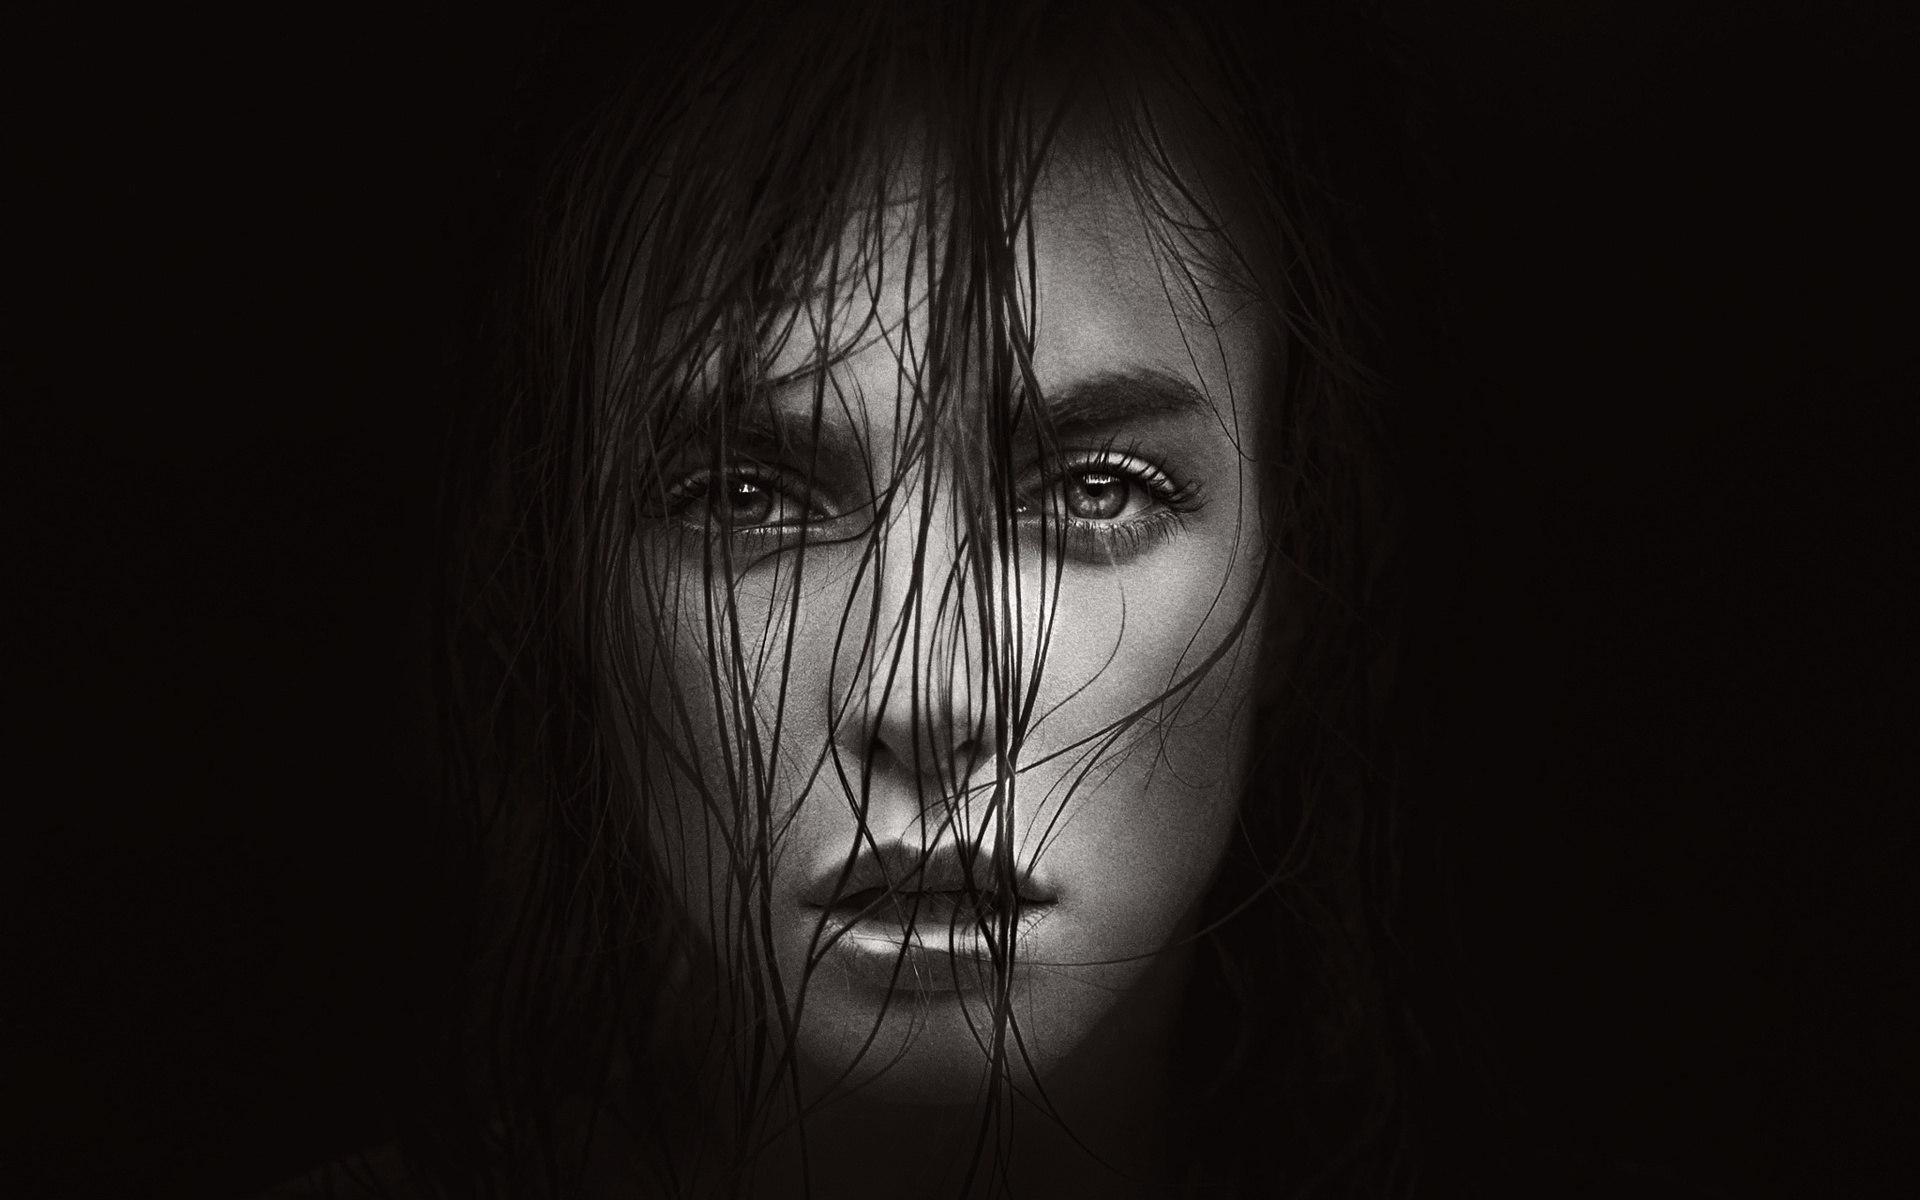 Черно белое креативное фото девушек 8 фотография